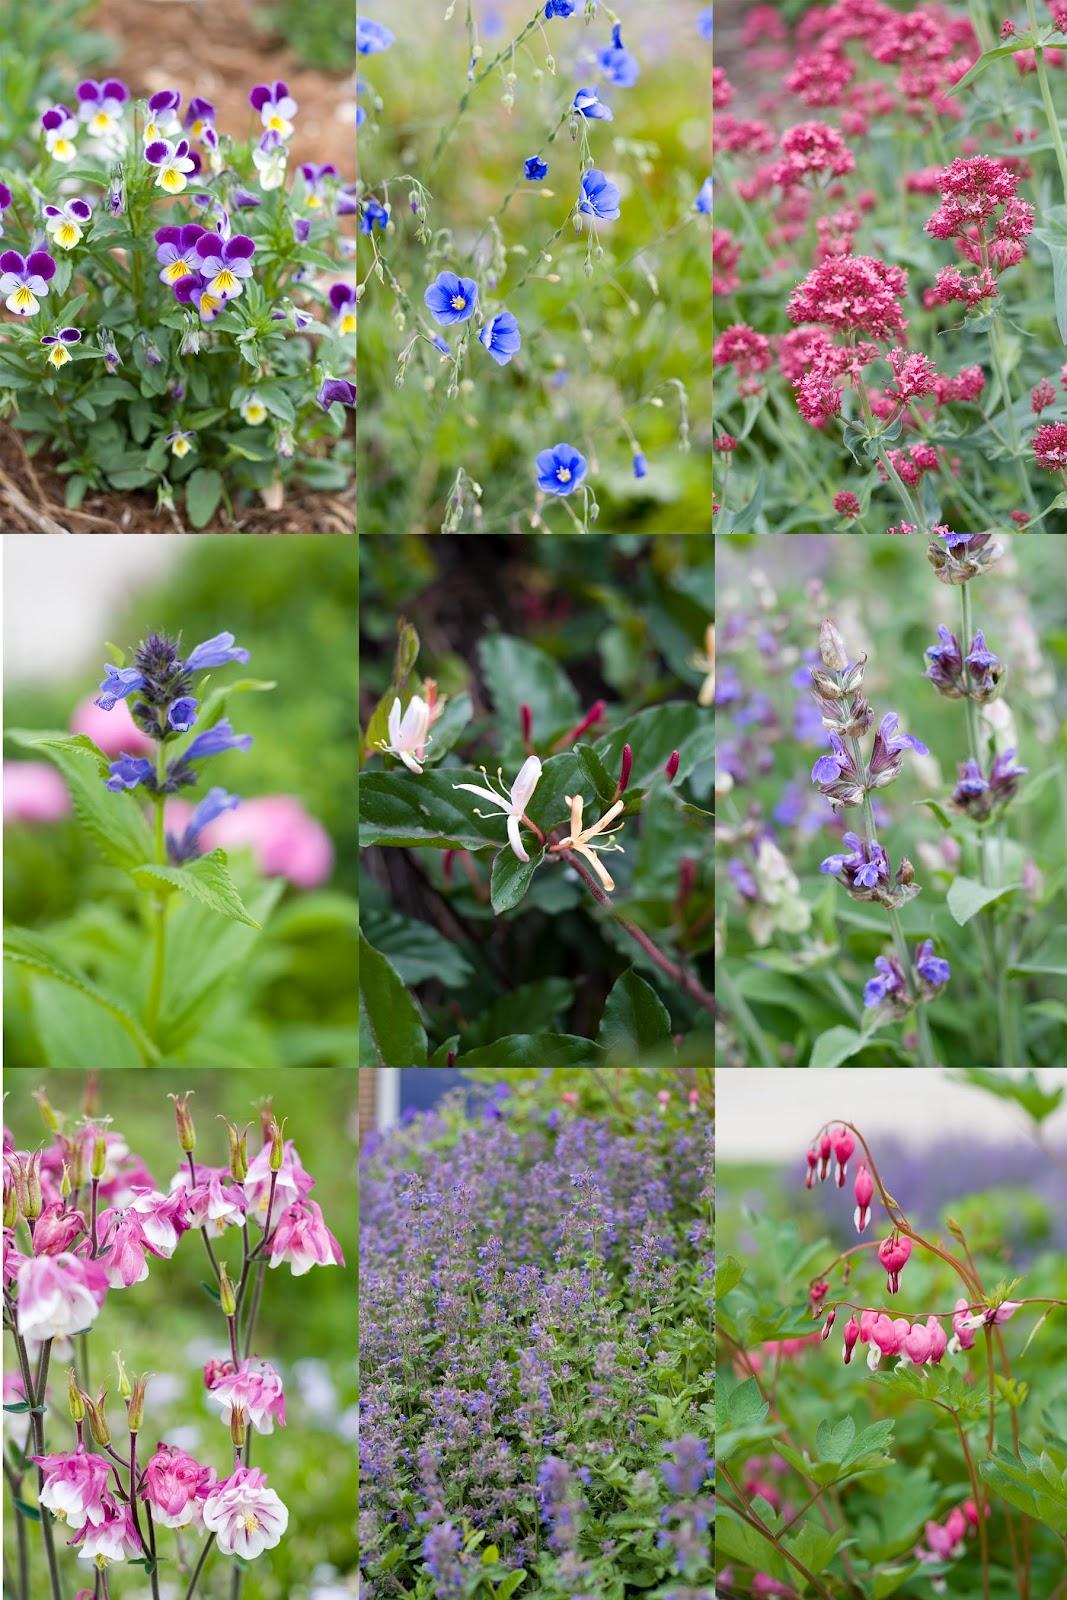 Boy heaven garden of flowers